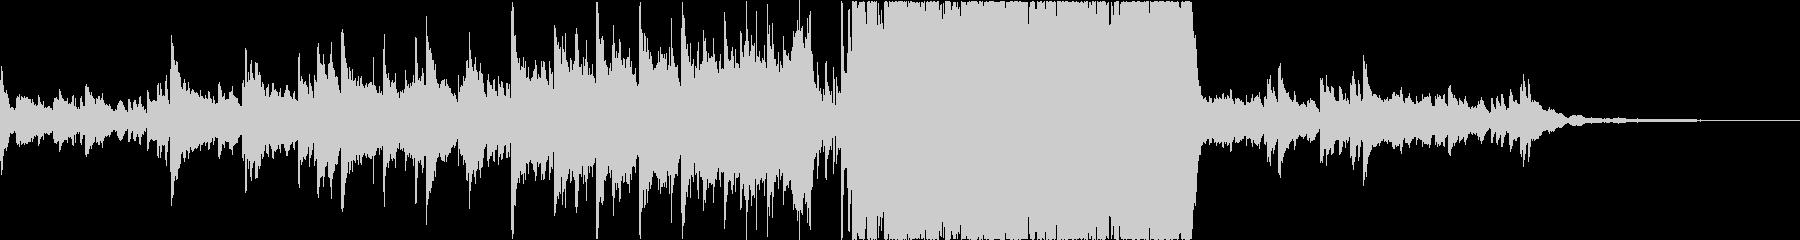 切ないピアノとストリングスメインの楽曲の未再生の波形